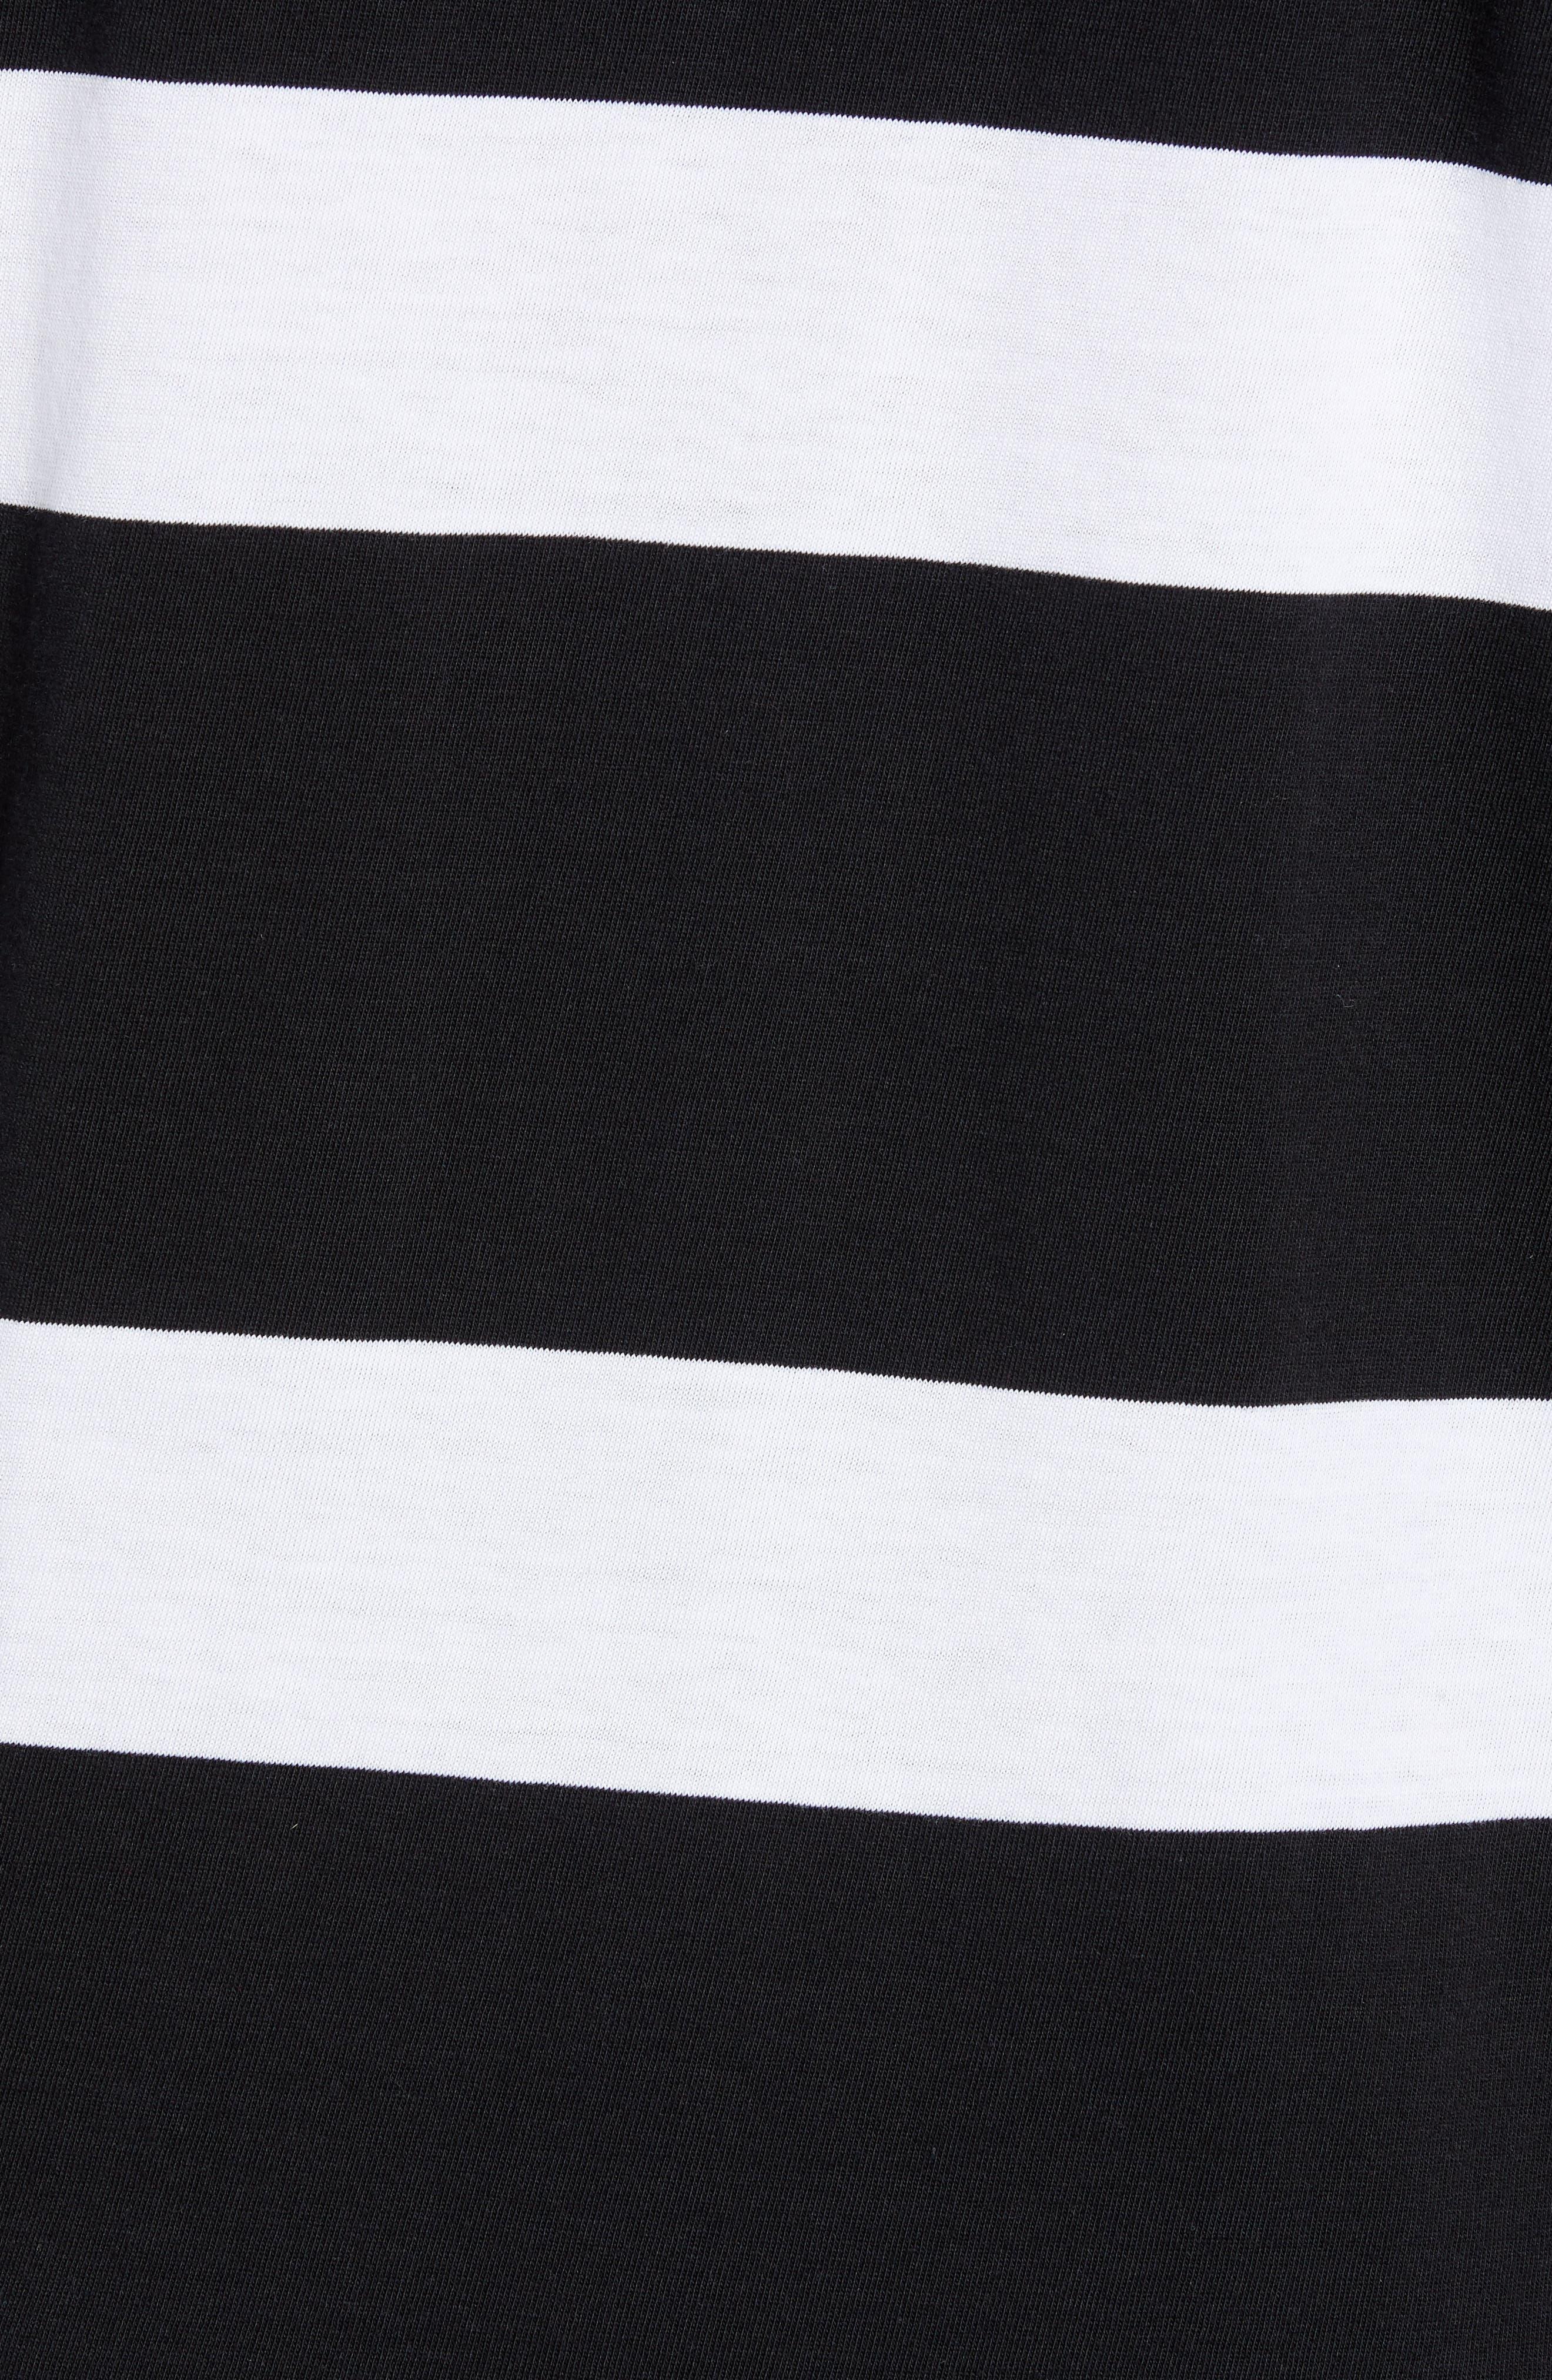 Pocket T-Shirt,                             Alternate thumbnail 5, color,                             BLACK/ WHITE STRIPES